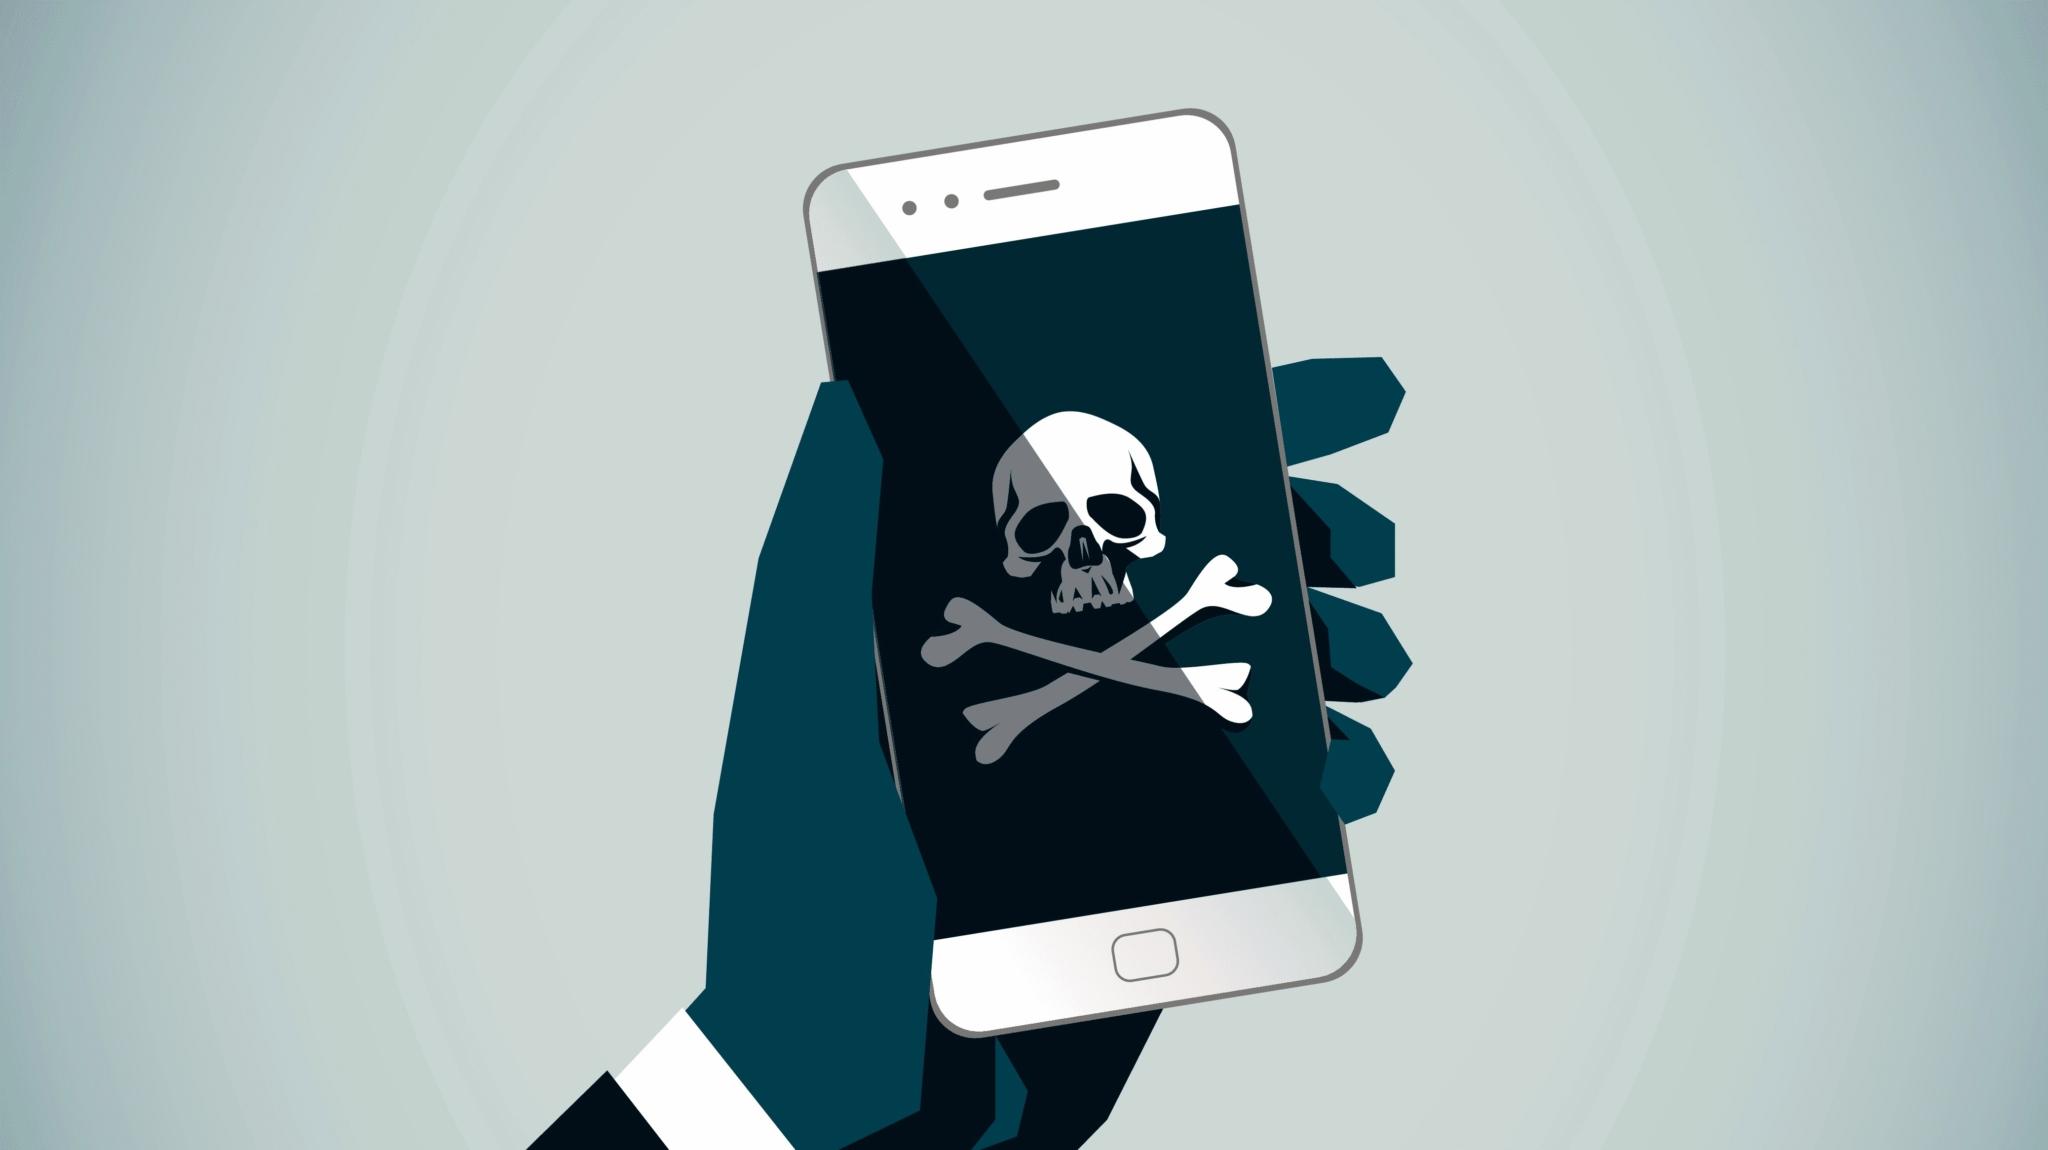 Většina antivirů pro Android není kvalitní, tvrdí studie